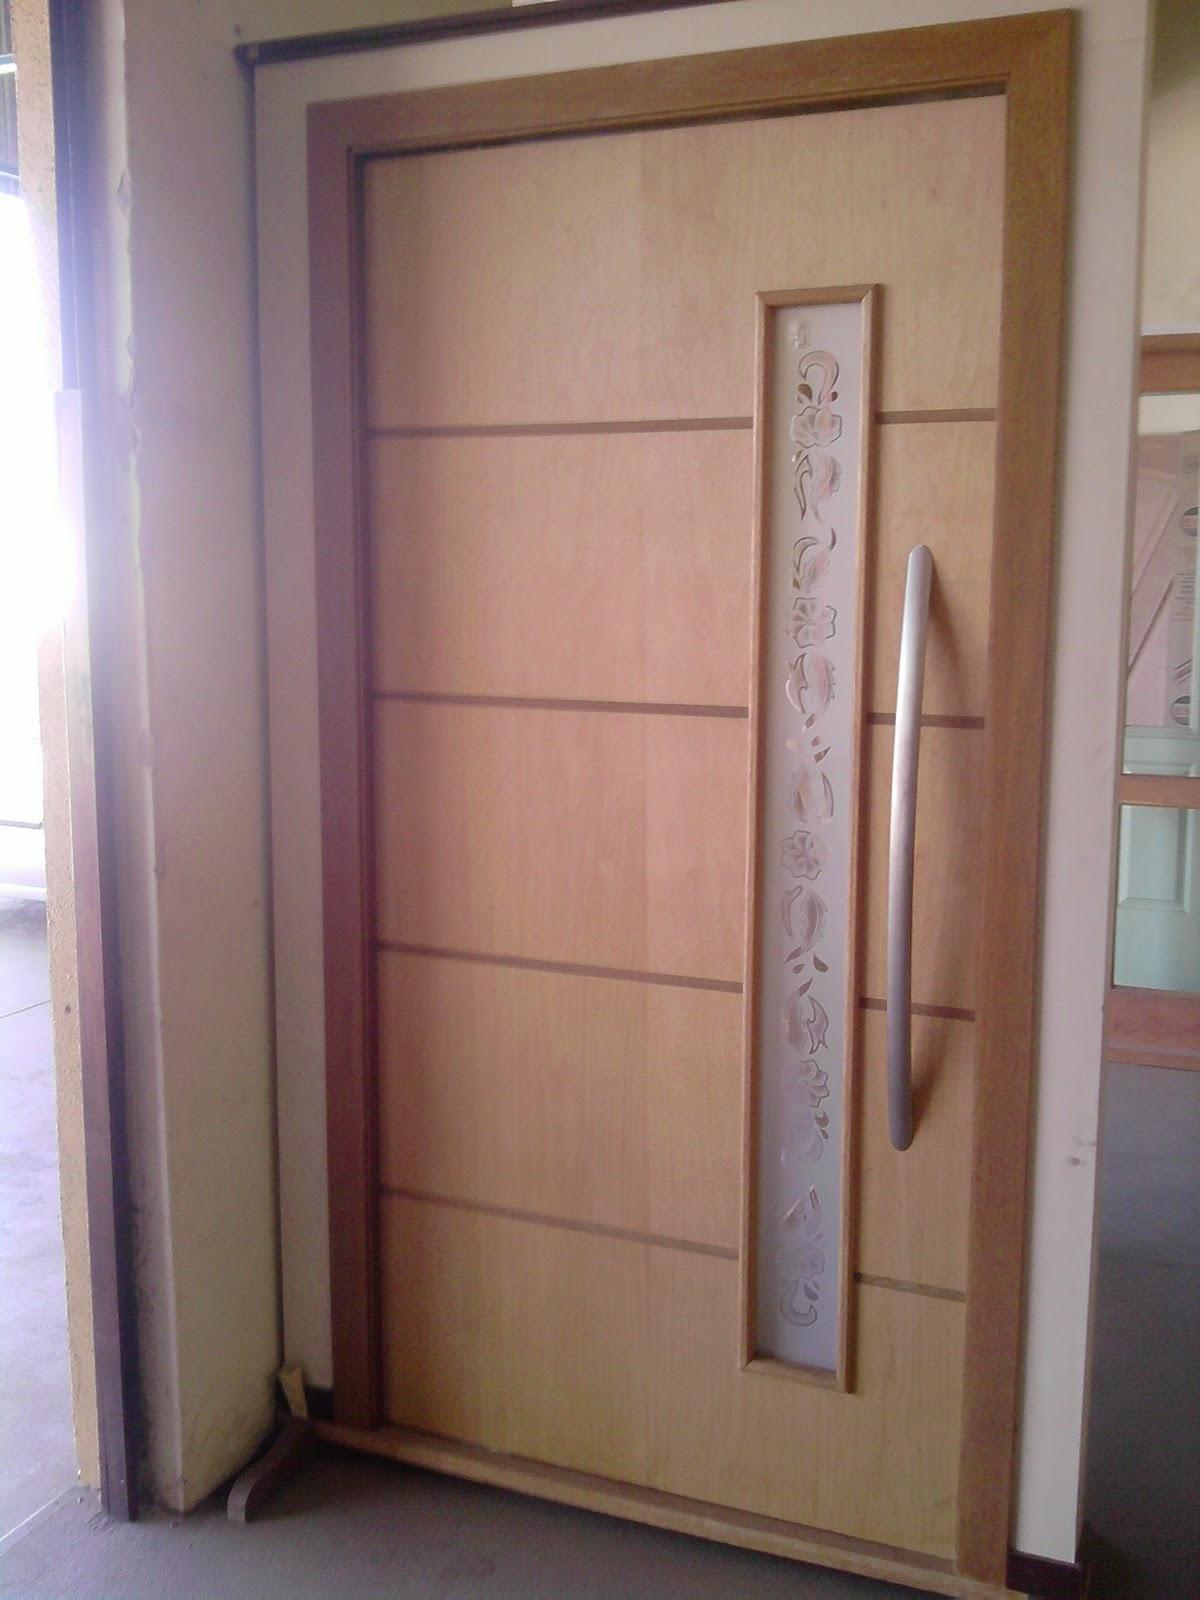 #69463A Postado por ateliedovidro@hotmail.com às 13:43 1612 Vidros Para Portas E Janelas